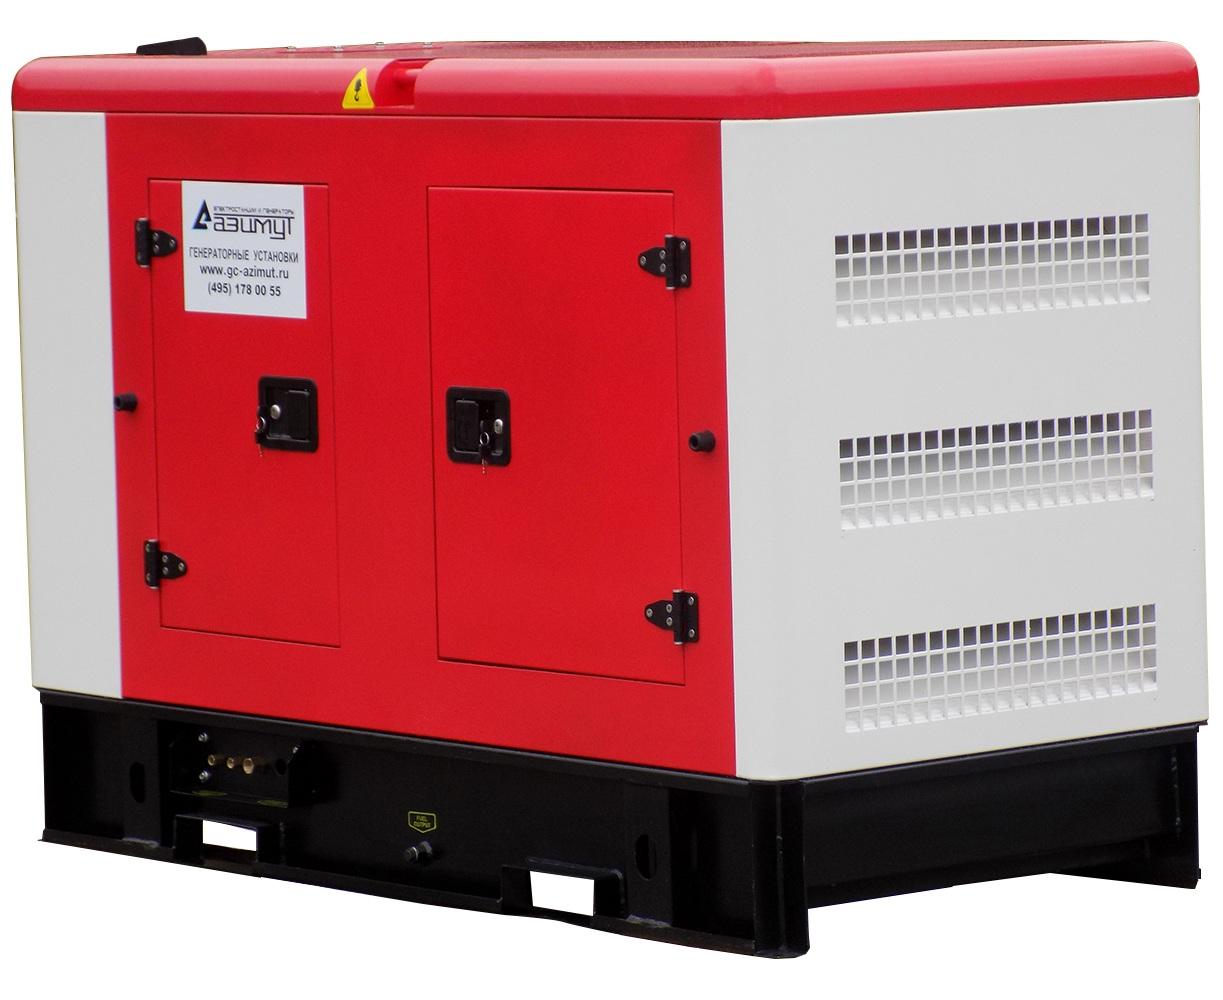 Дизельная электростанция Azimut Ад-150с-т400-2ркм11